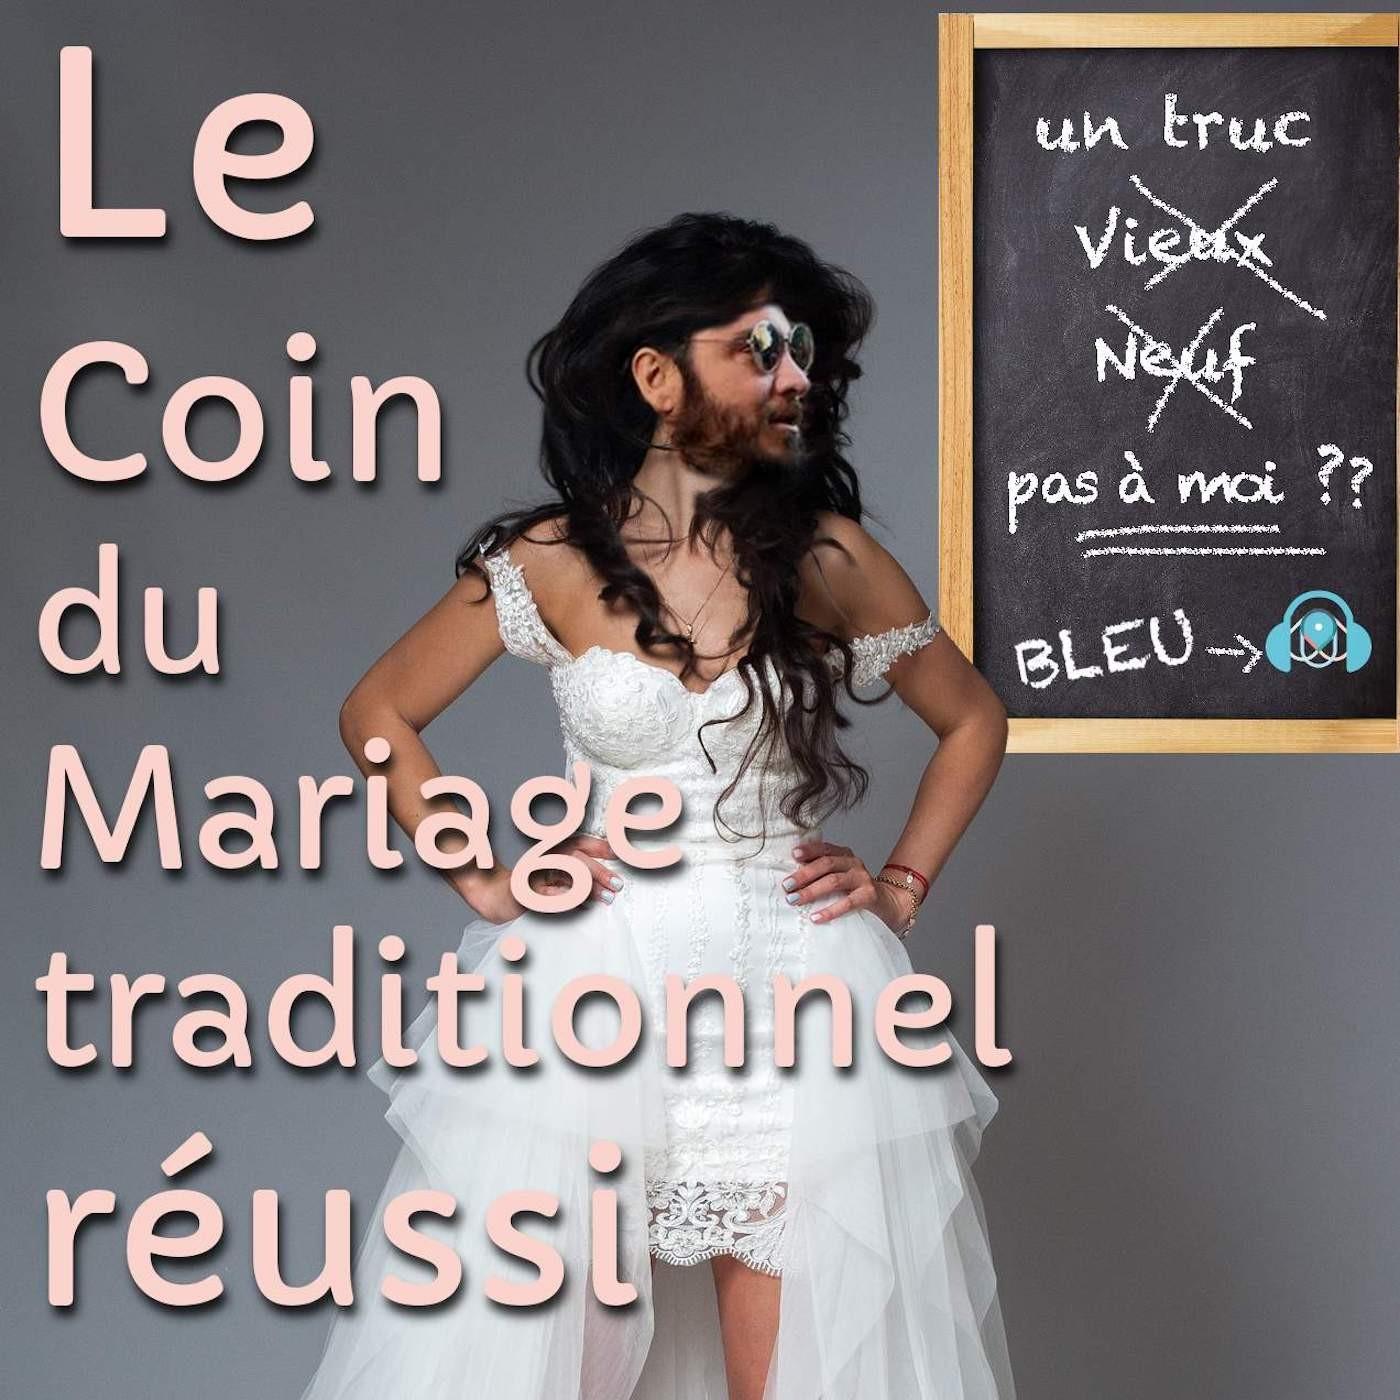 LE COIN DU MARIAGE TRADITIONNEL RÉUSSI S1E17 - Les morceaux qui font débarquer la police